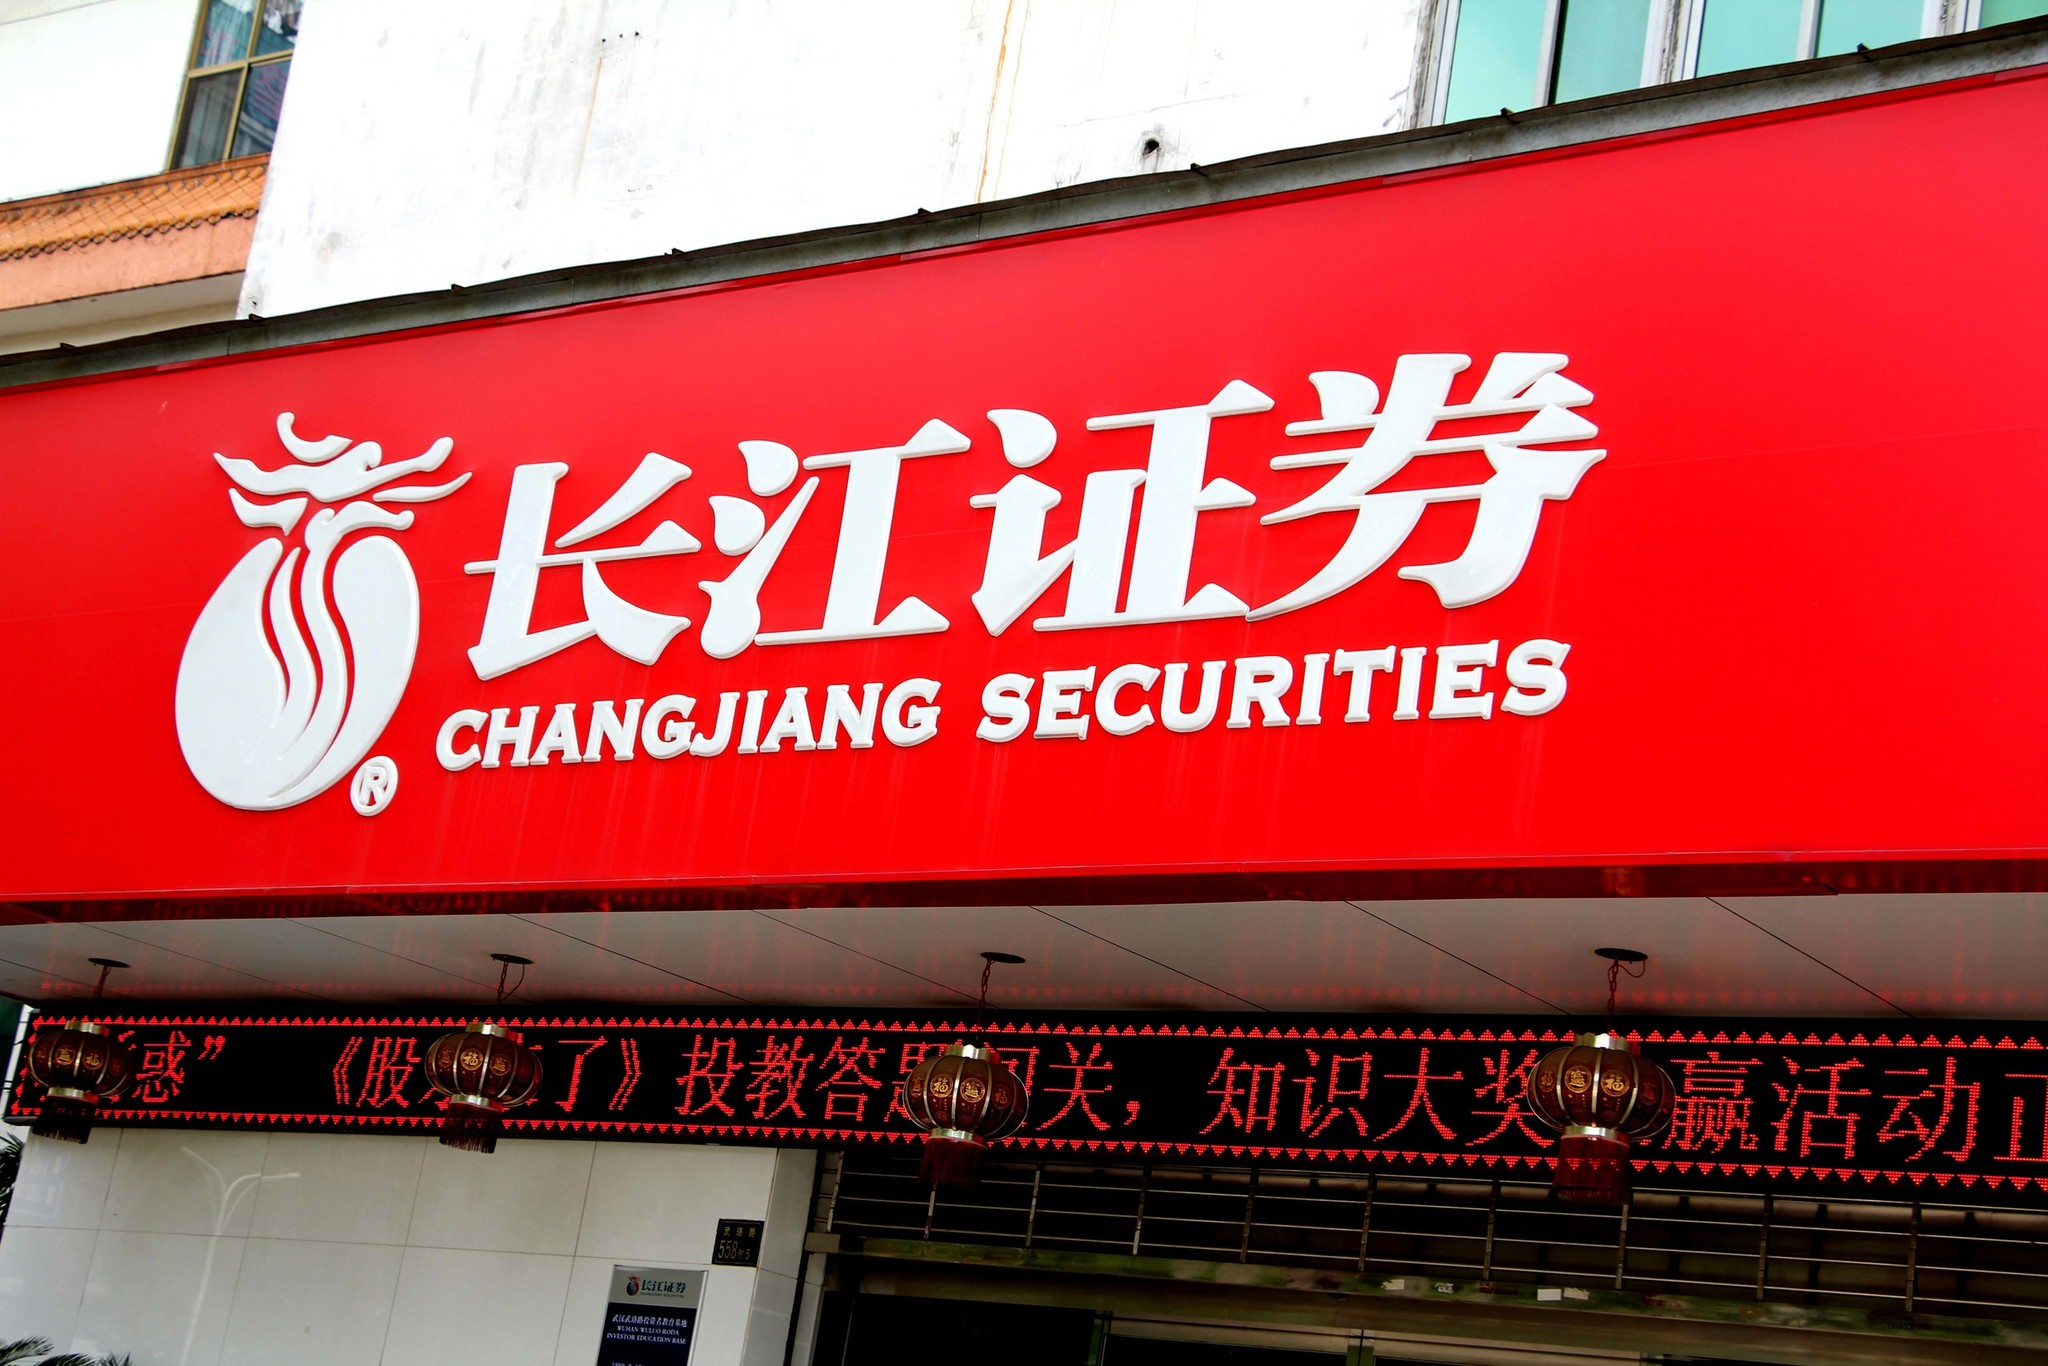 长江证券增资长证国际背后:经营问题多业绩亏损,分拆上市重启仍不乐观